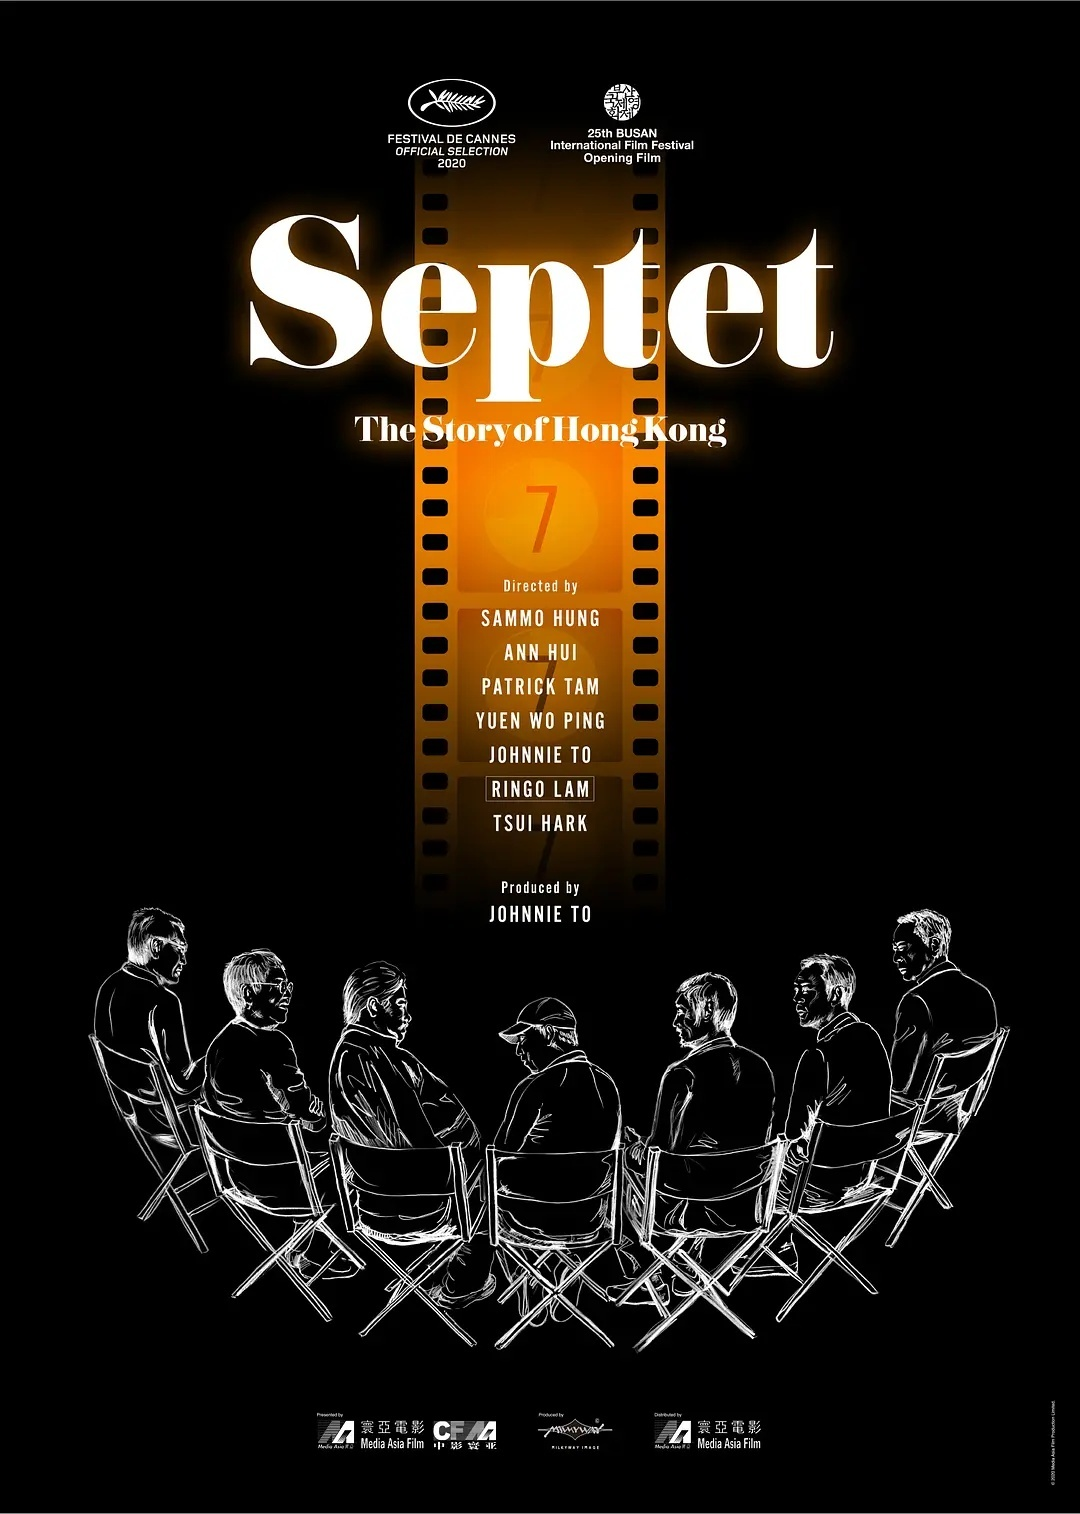 原定于10月举行的第25届釜山国际电影节(BIFF)共有12部华语片入围